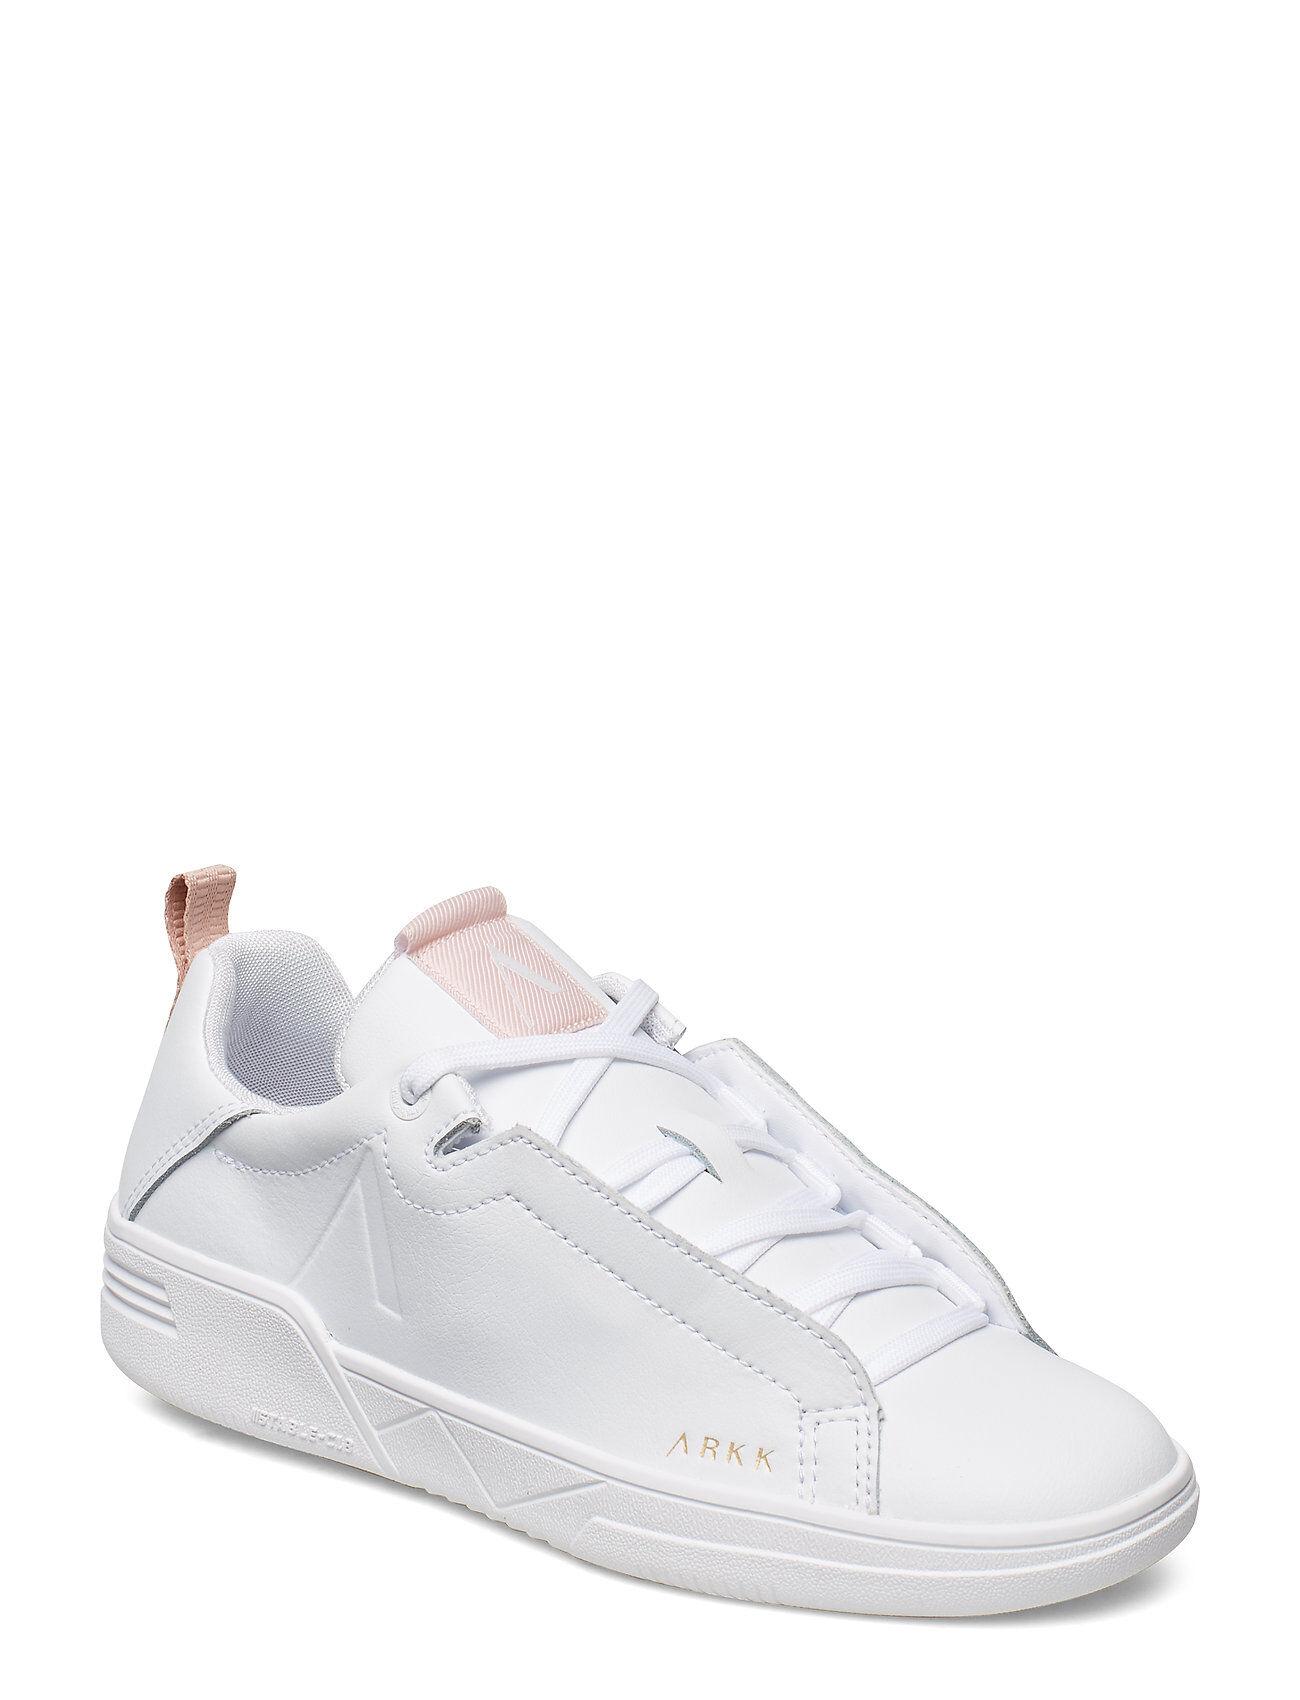 ARKK Copenhagen Uniklass Leather S-C18 White Shell Matalavartiset Sneakerit Tennarit Valkoinen ARKK Copenhagen